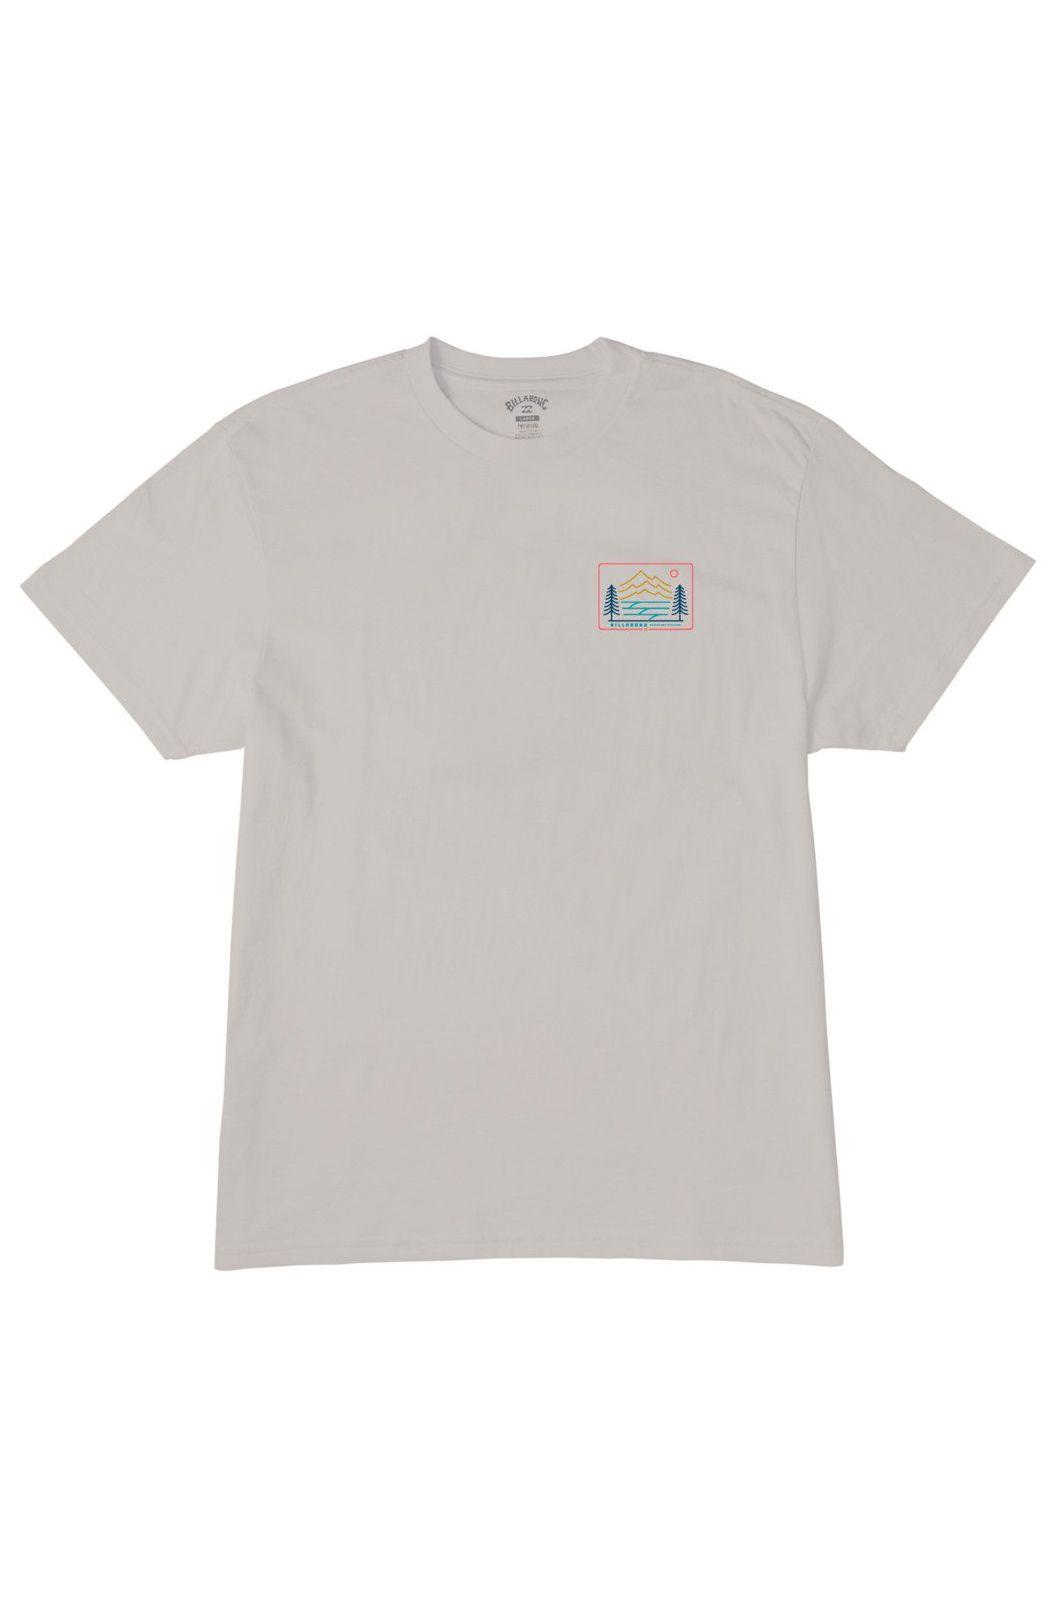 Billabong T-Shirt HWY 101 SS ADVENTURE DIVISION Chino